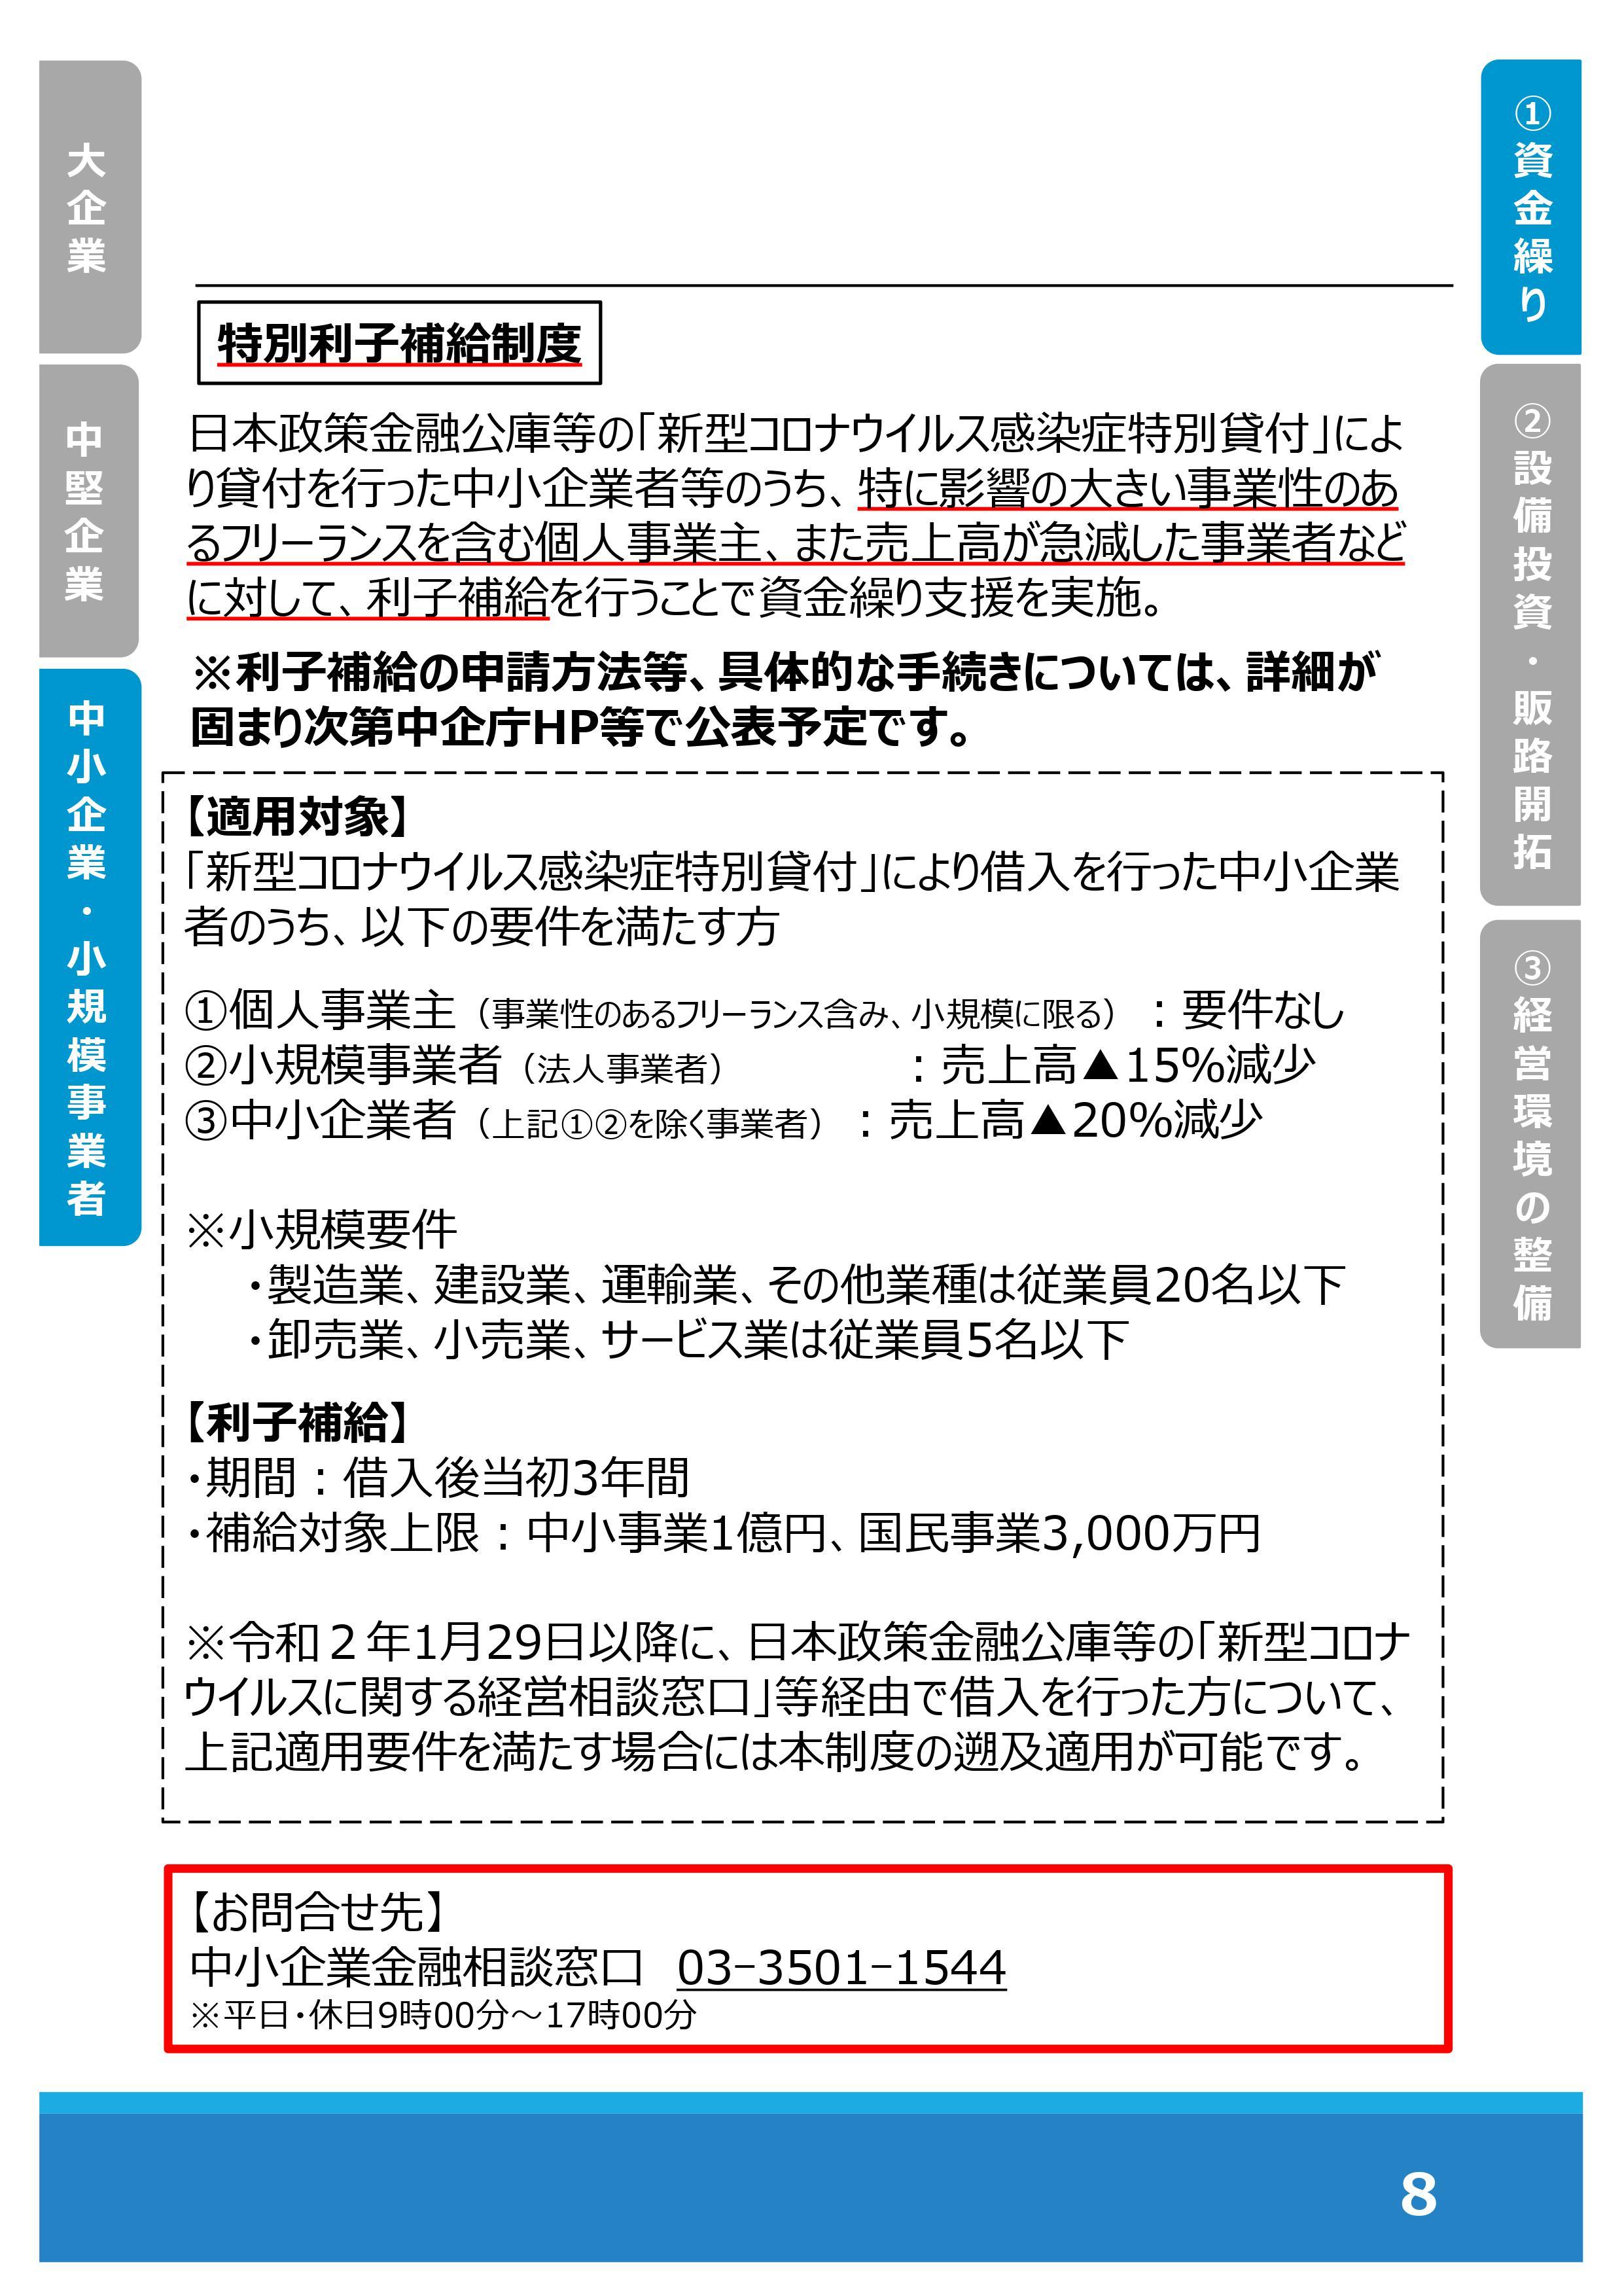 政策 公庫 コロナ 日本